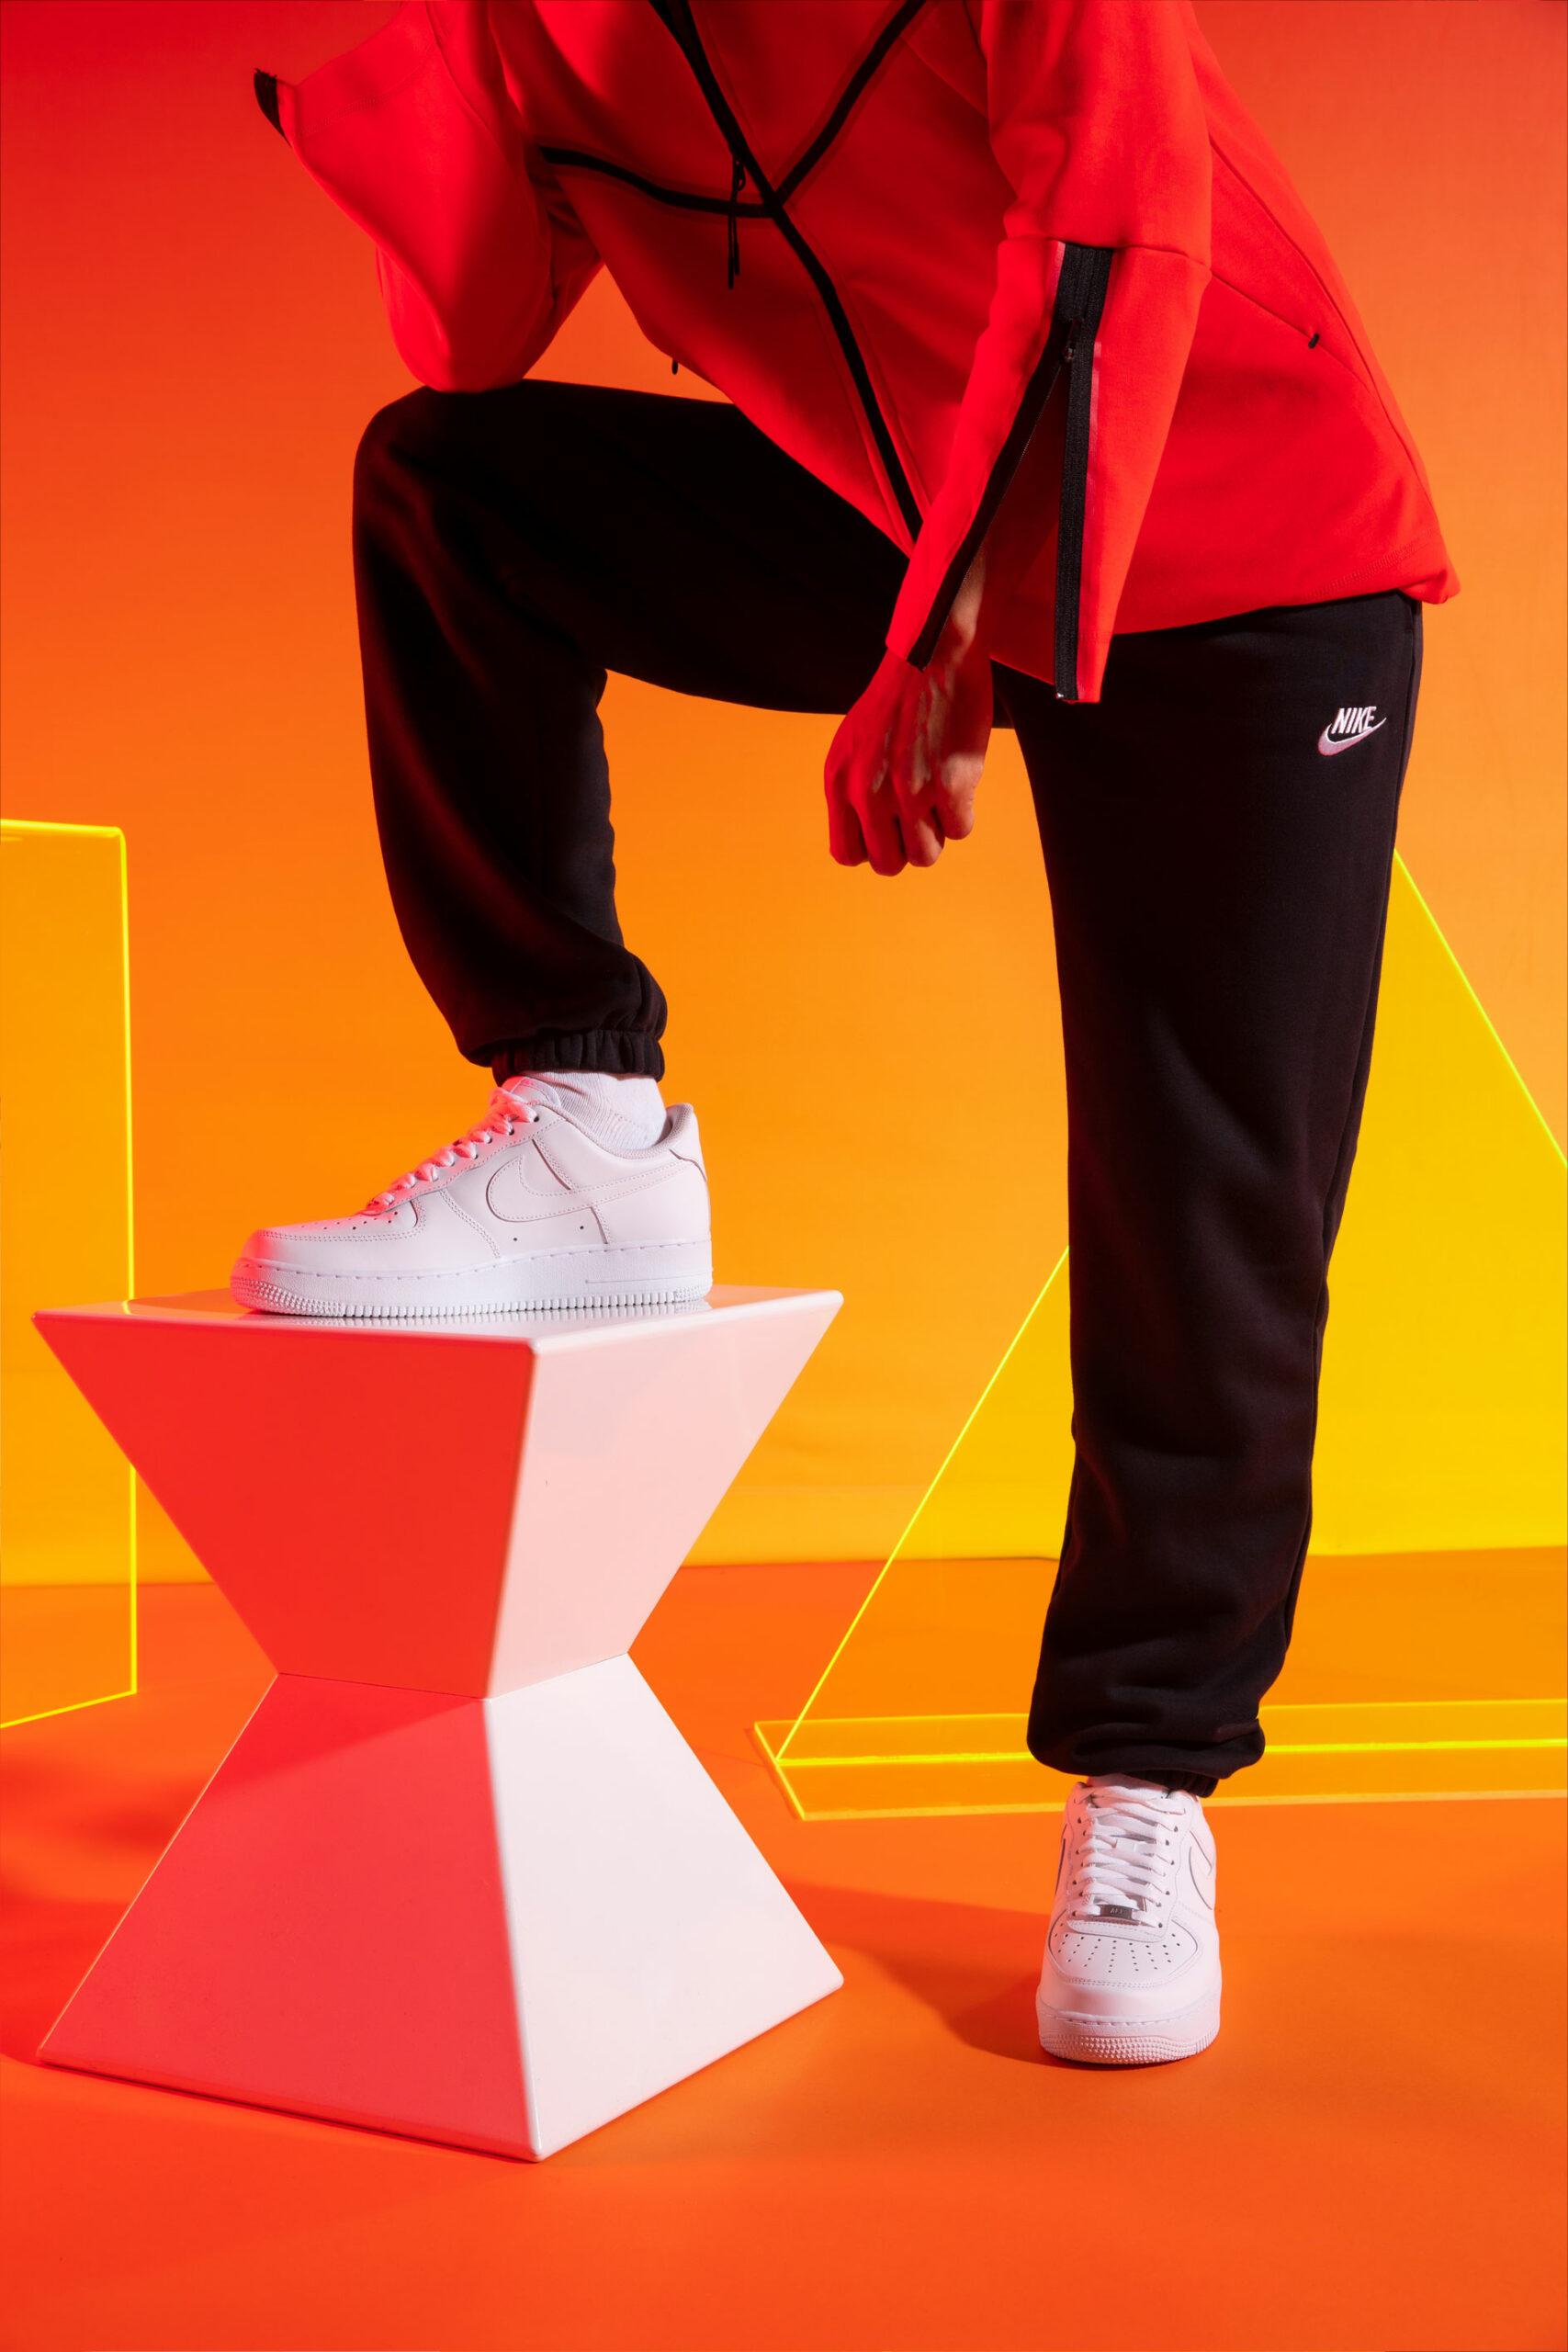 Nike_Gradient-10.27.2020-0948